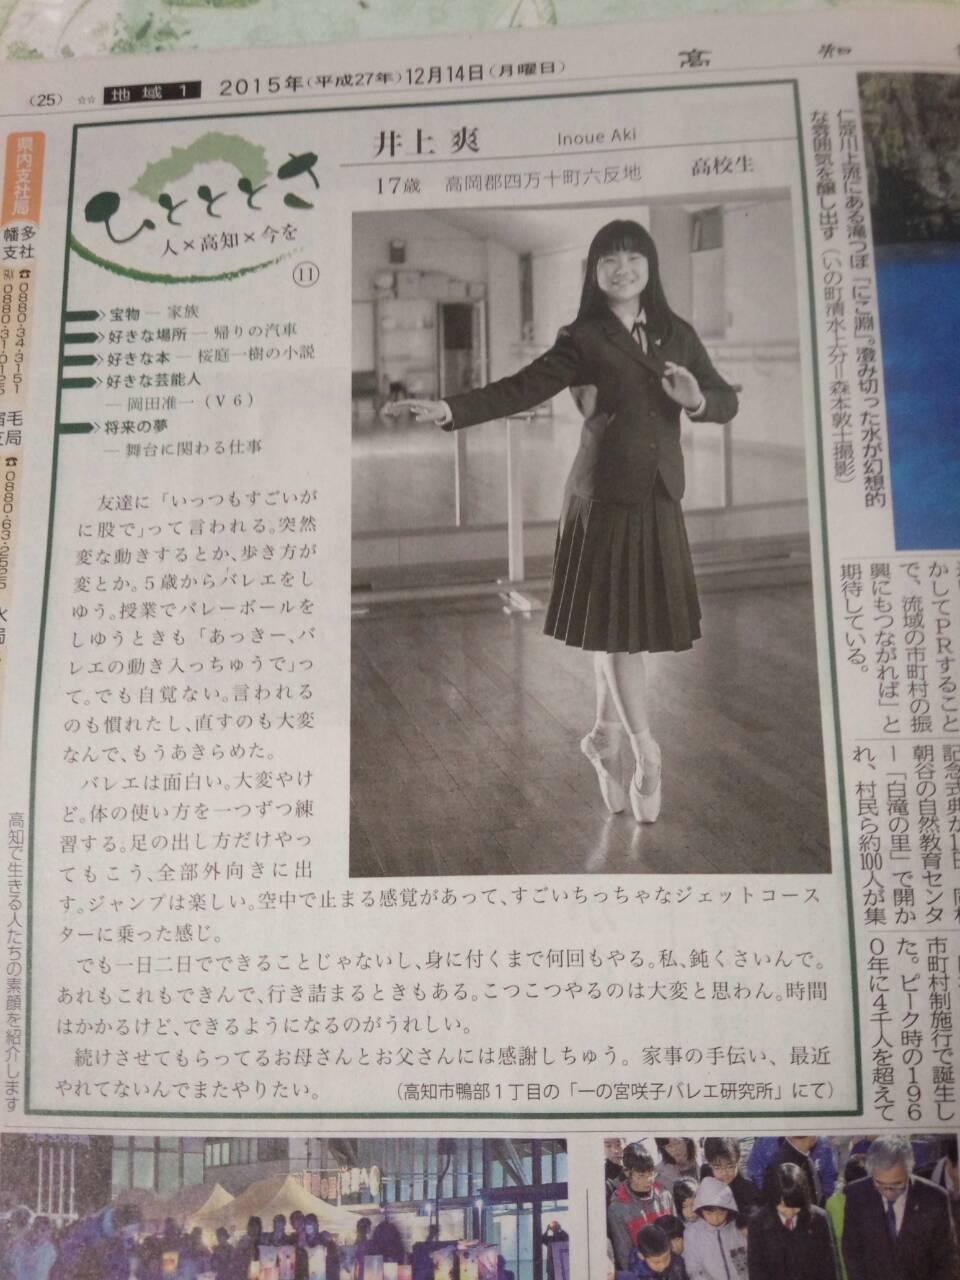 「高知新聞」にてご紹介いただきました。